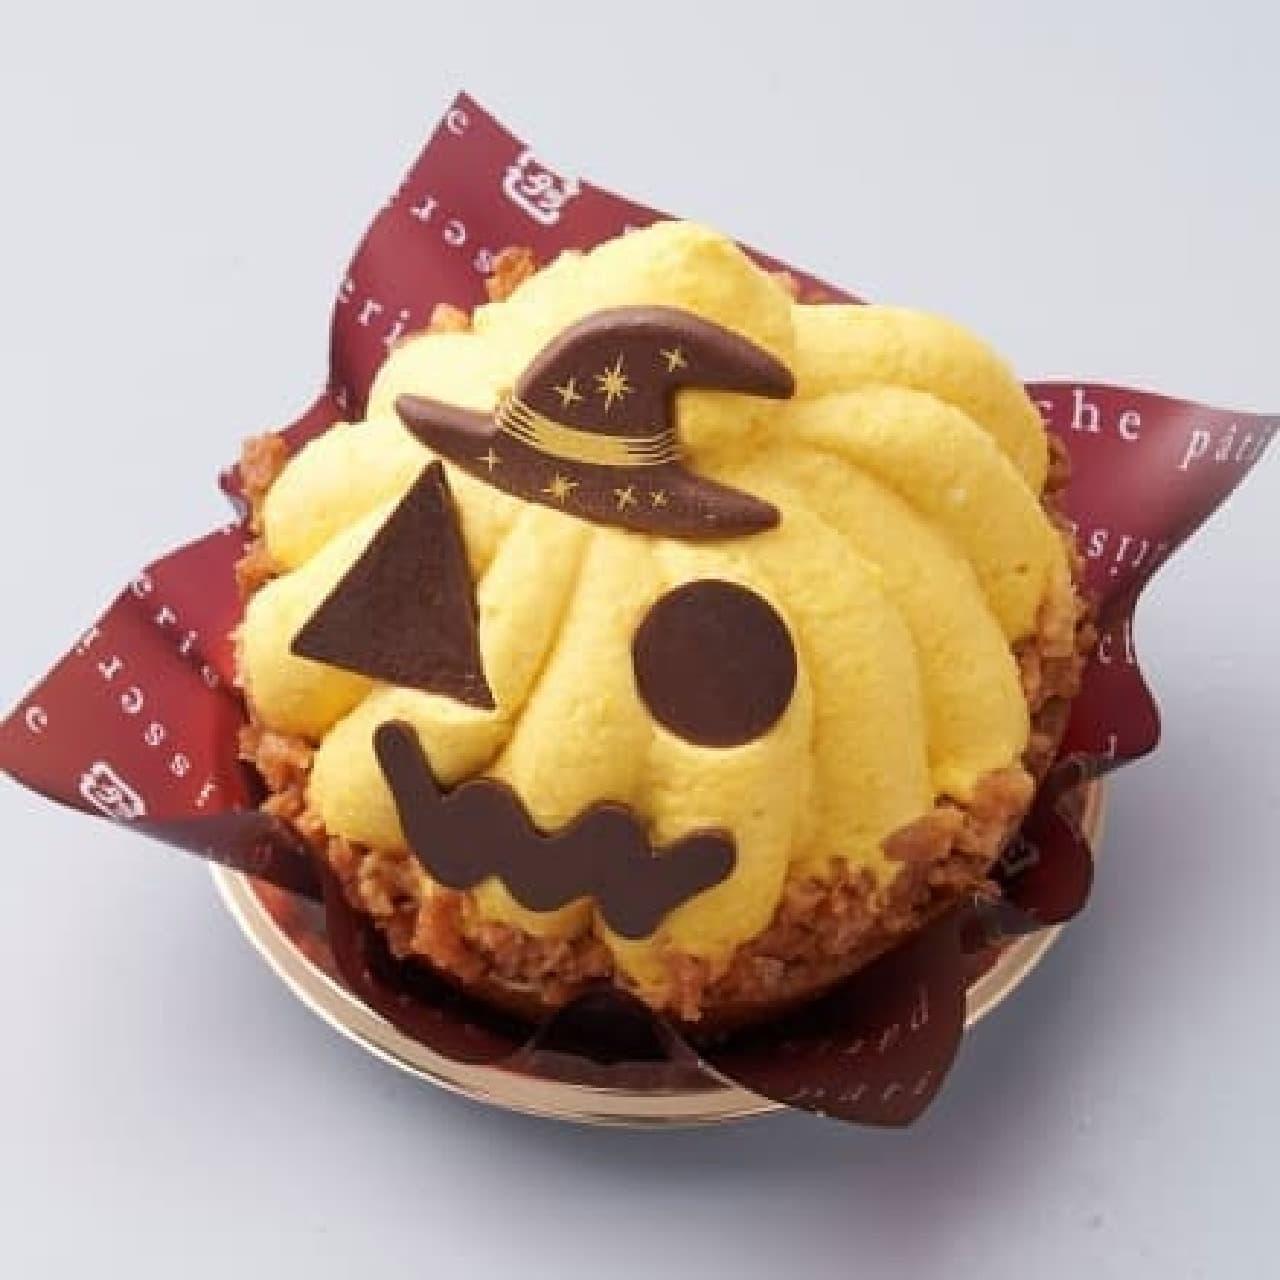 シャトレーゼ「ハロウィン おばケーキ」